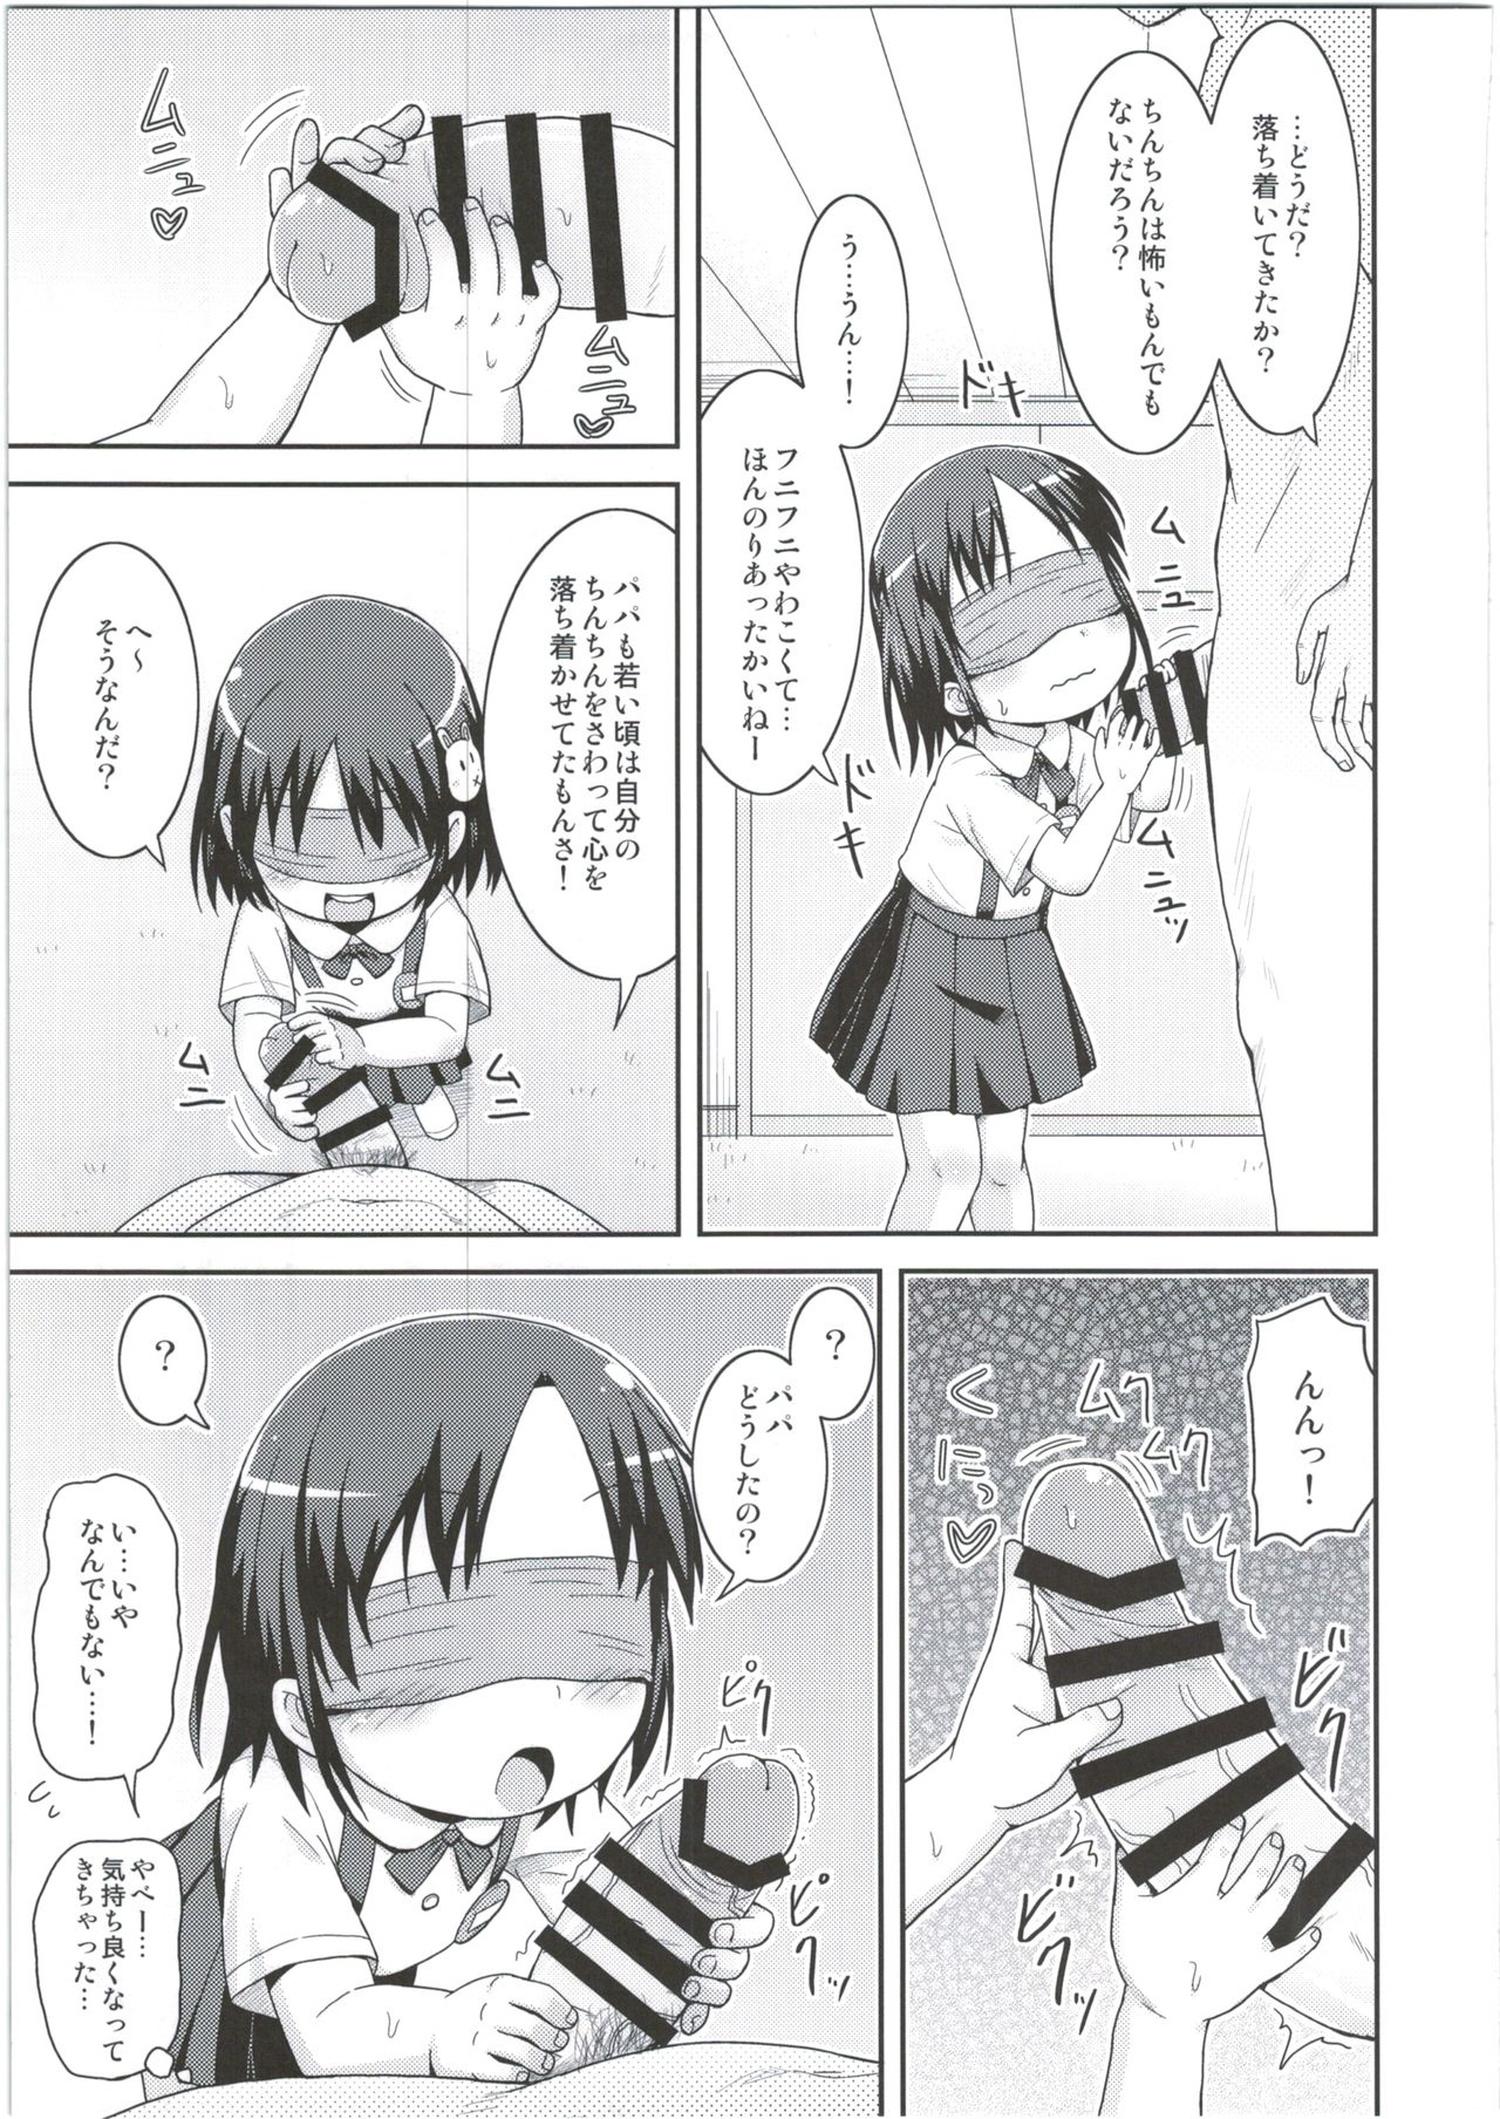 【エロ漫画・エロ同人誌】ロリ幼女な娘がパパのちんこが気持ち悪いって言うから特訓したったwww (4)